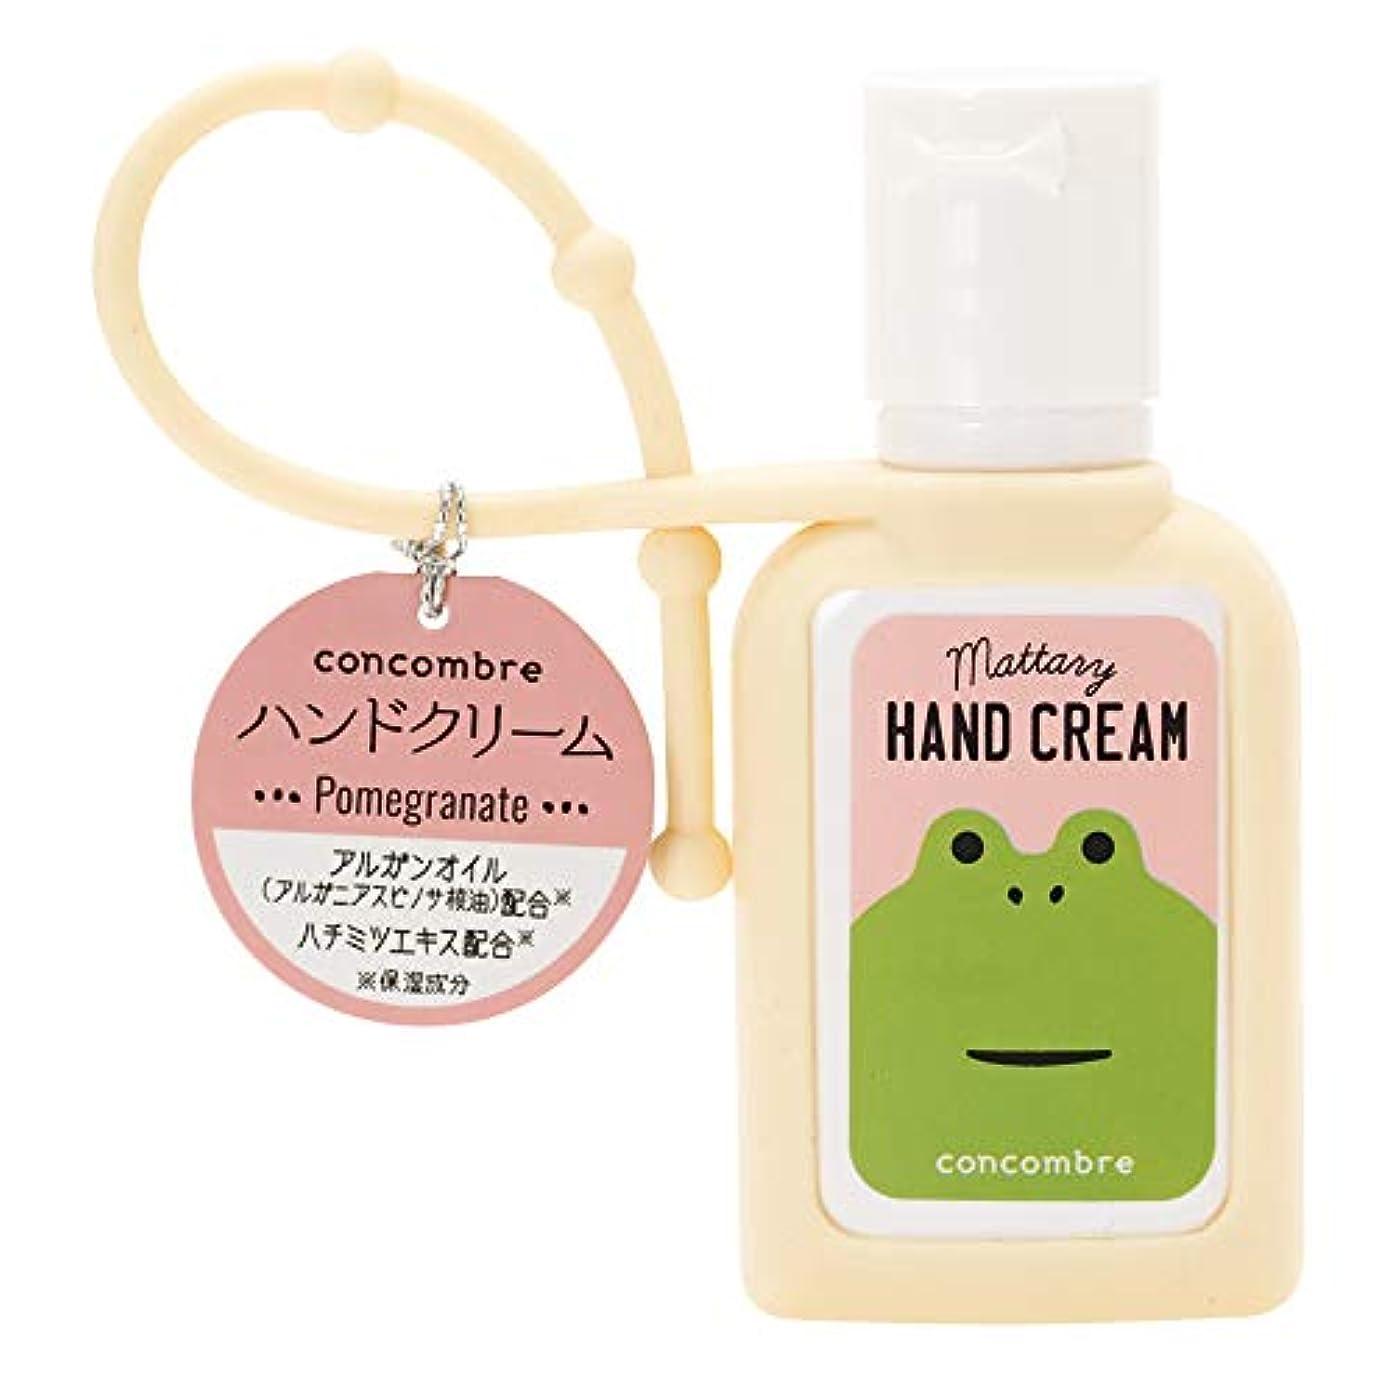 製品休み密concombre ハンドクリーム 27g はちみつエキス アルガンオイル配合 ざくろの香り OZ-DKH-1-3